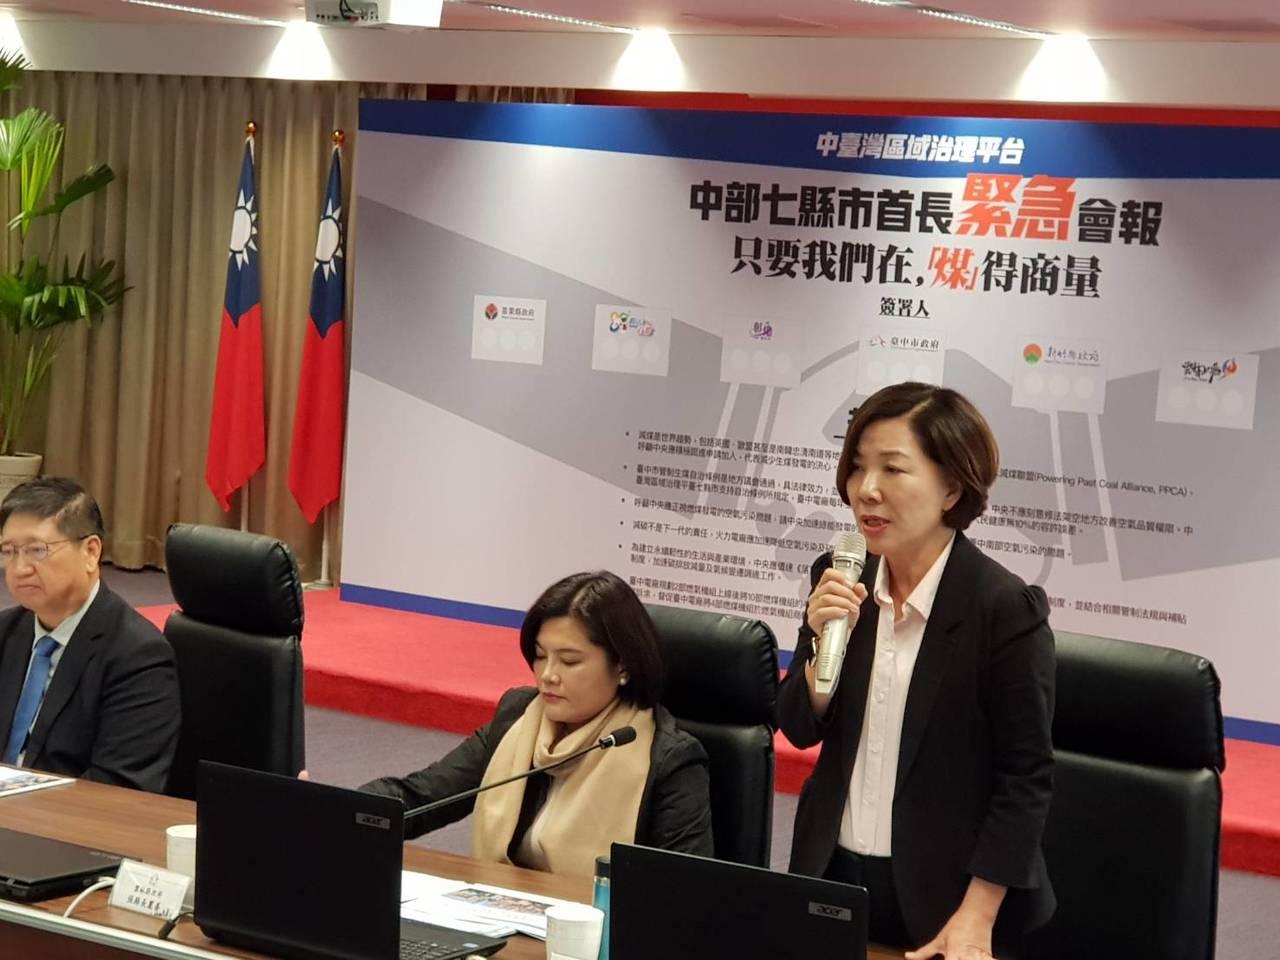 嘉義市副市長陳淑慧(右)代表出席中台灣七縣市會議。圖/嘉義市府提供